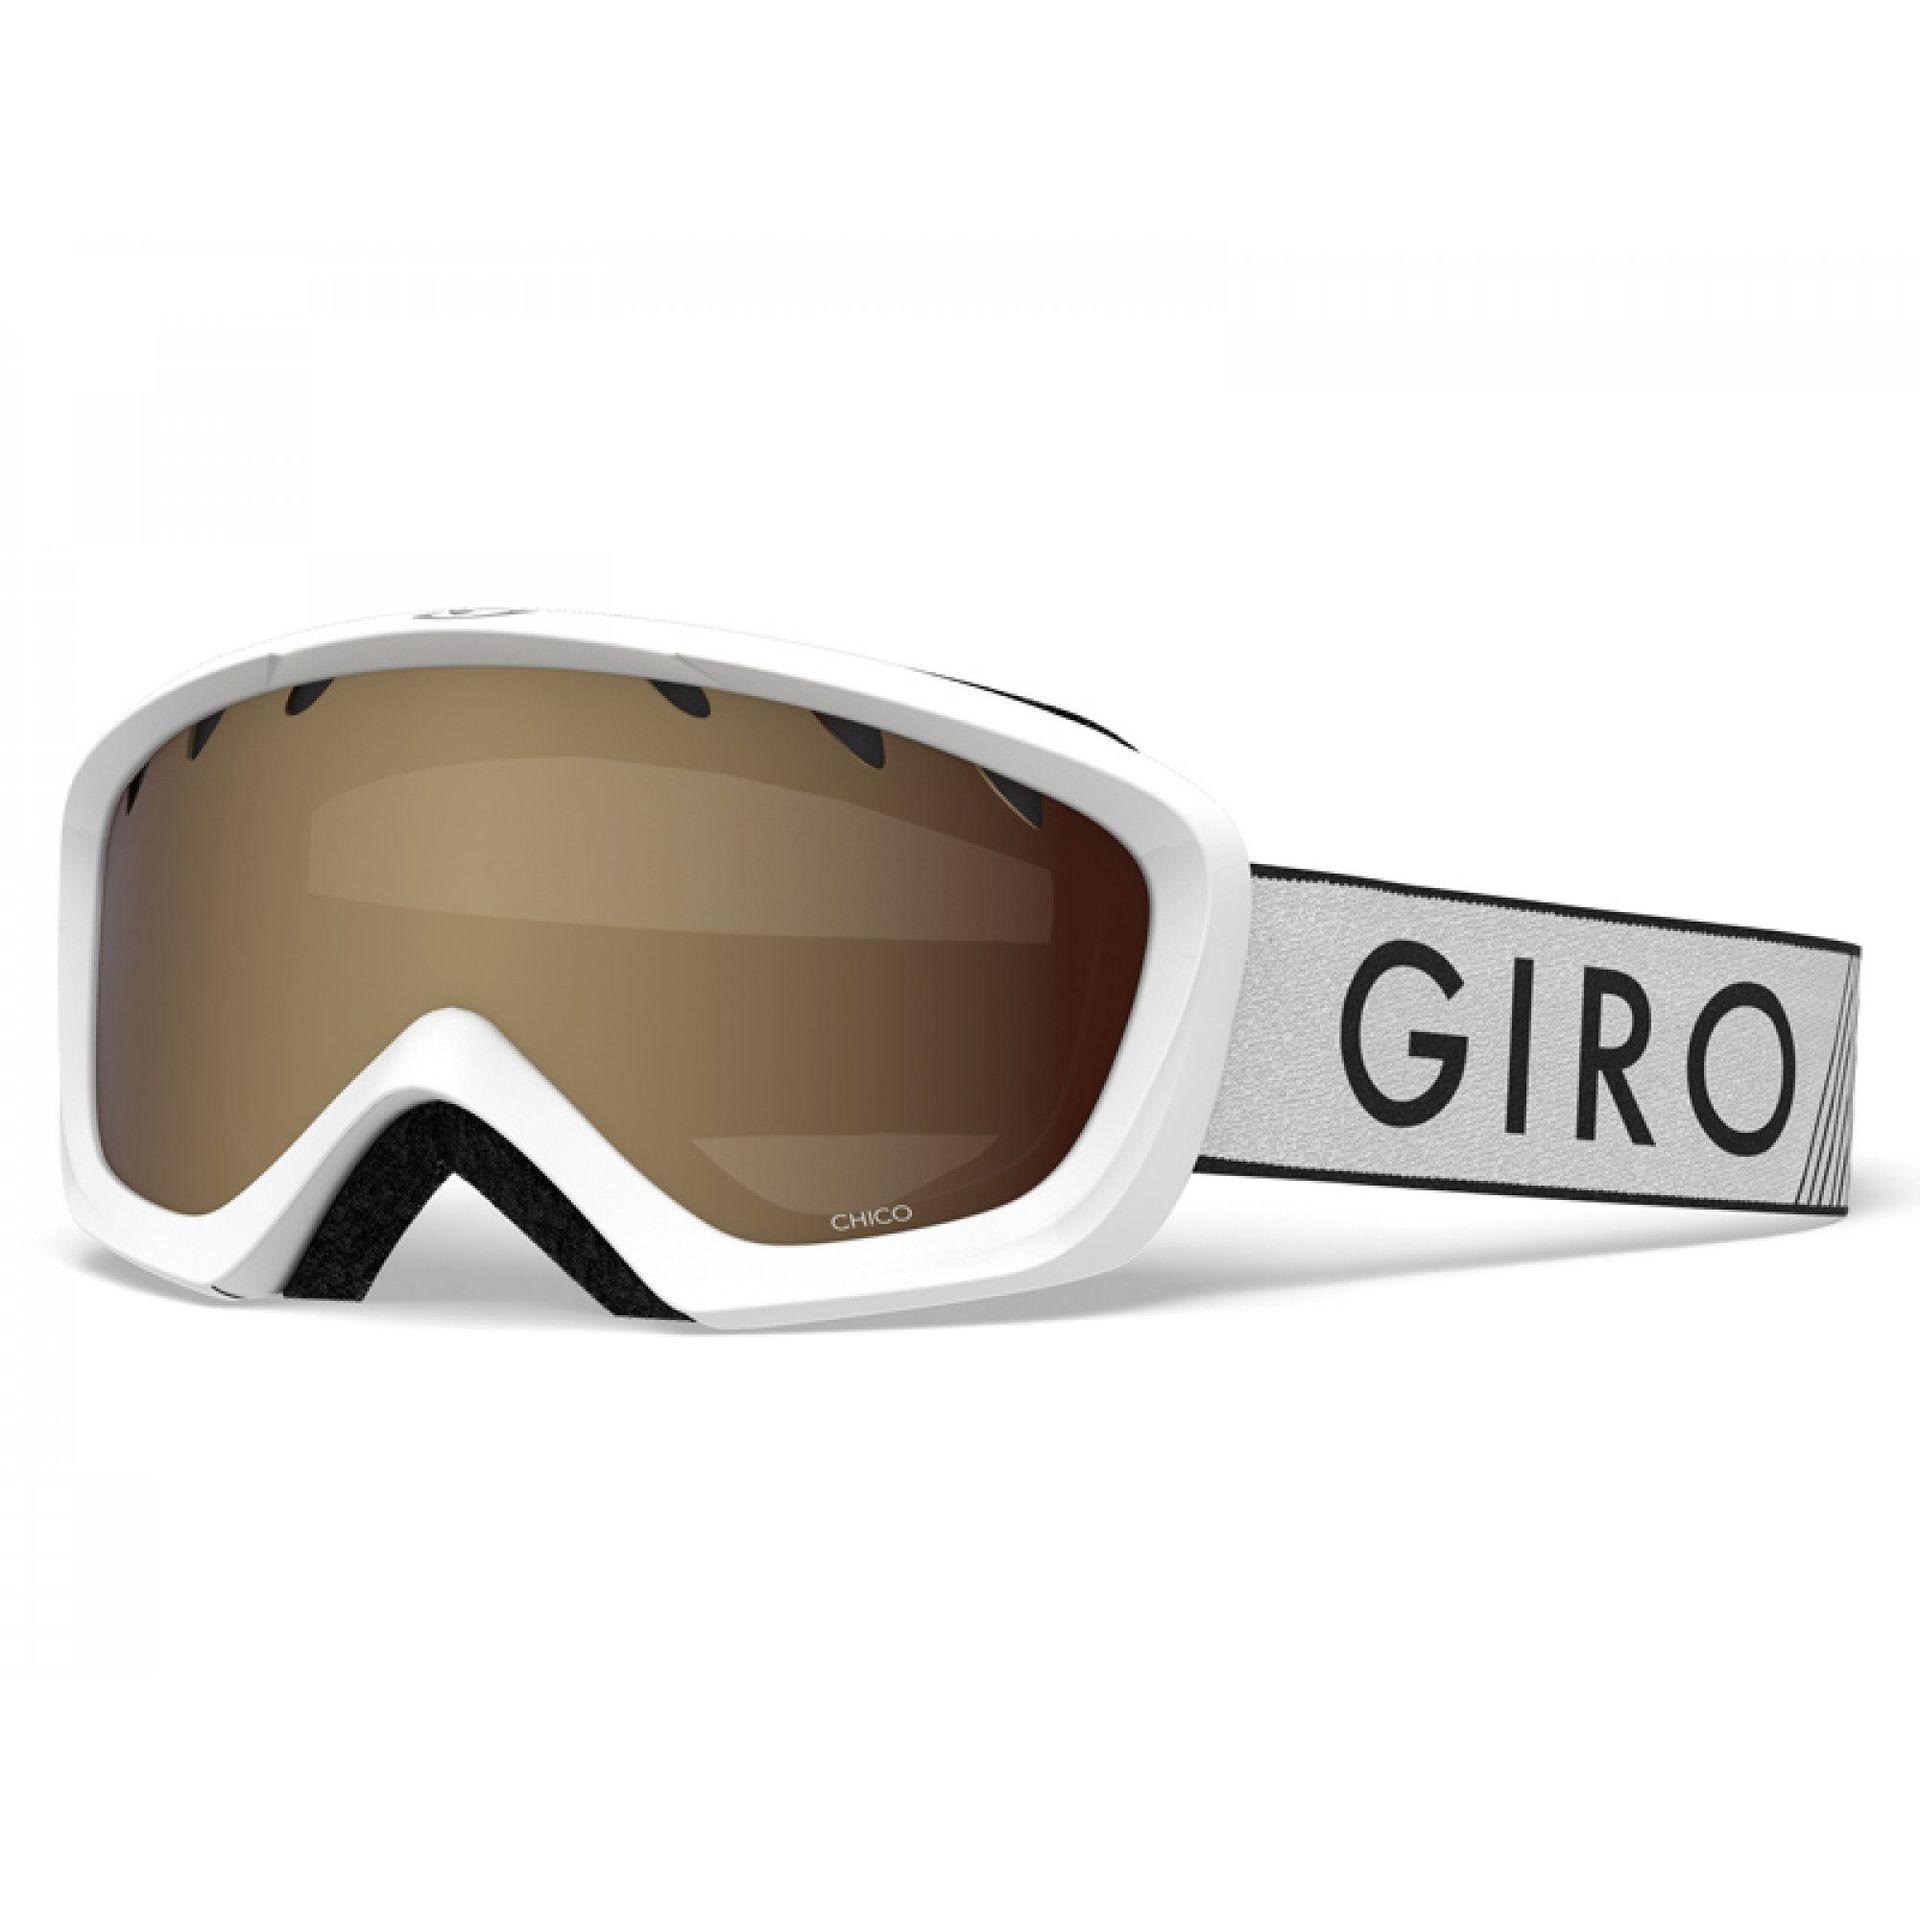 GOGLE GIRO CHICO WHITE ZOOM|AMBER ROSE 1